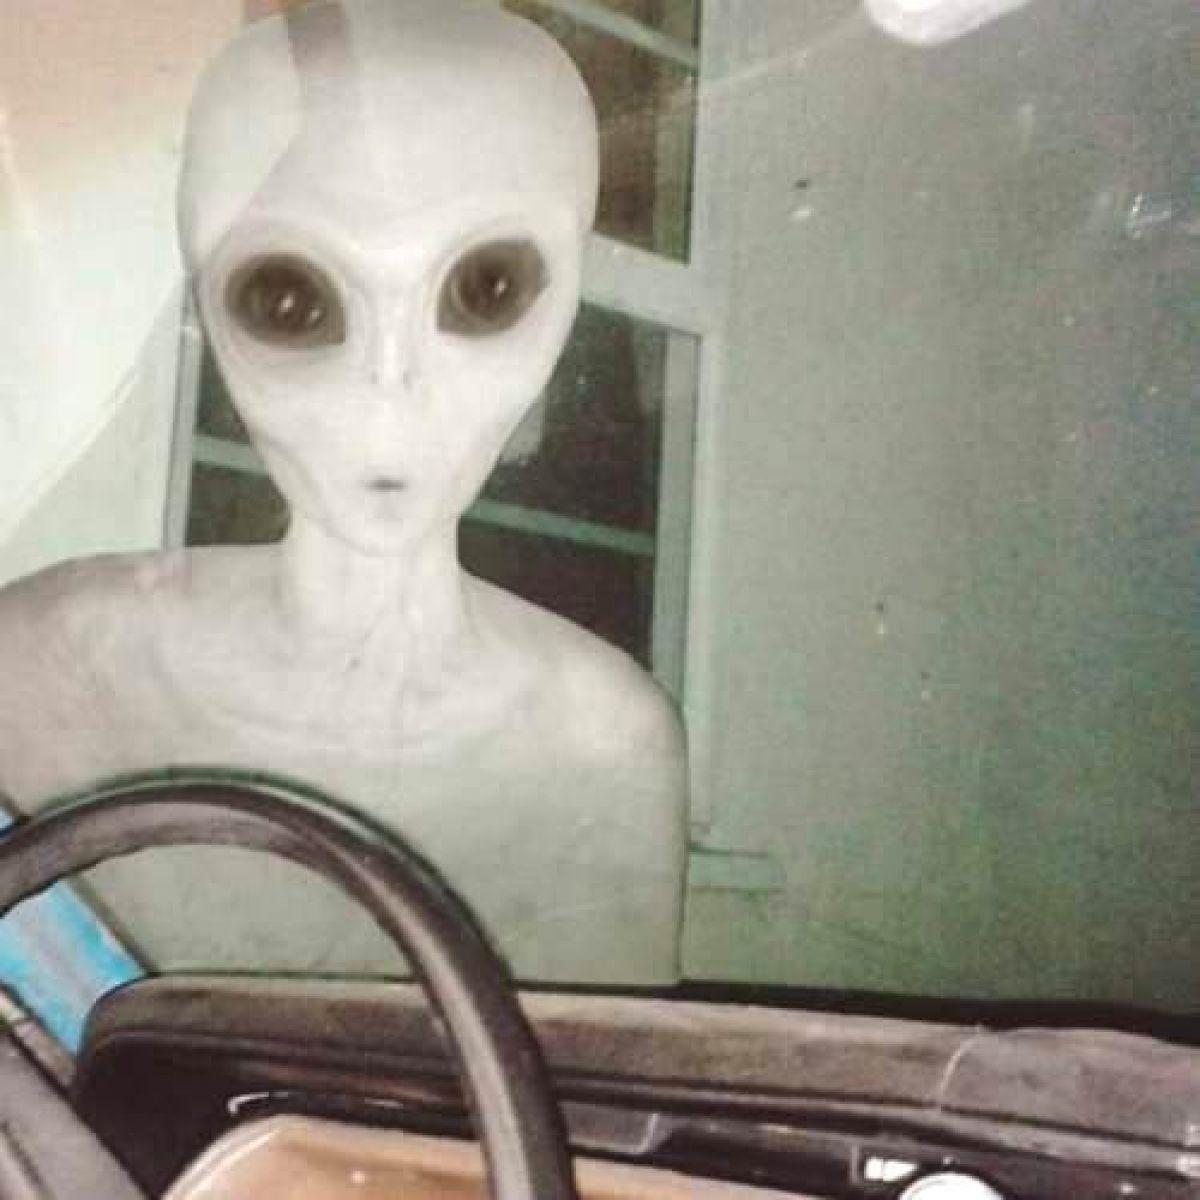 Мир обсуждает фото реального пришельца, стоящего впритык к камере